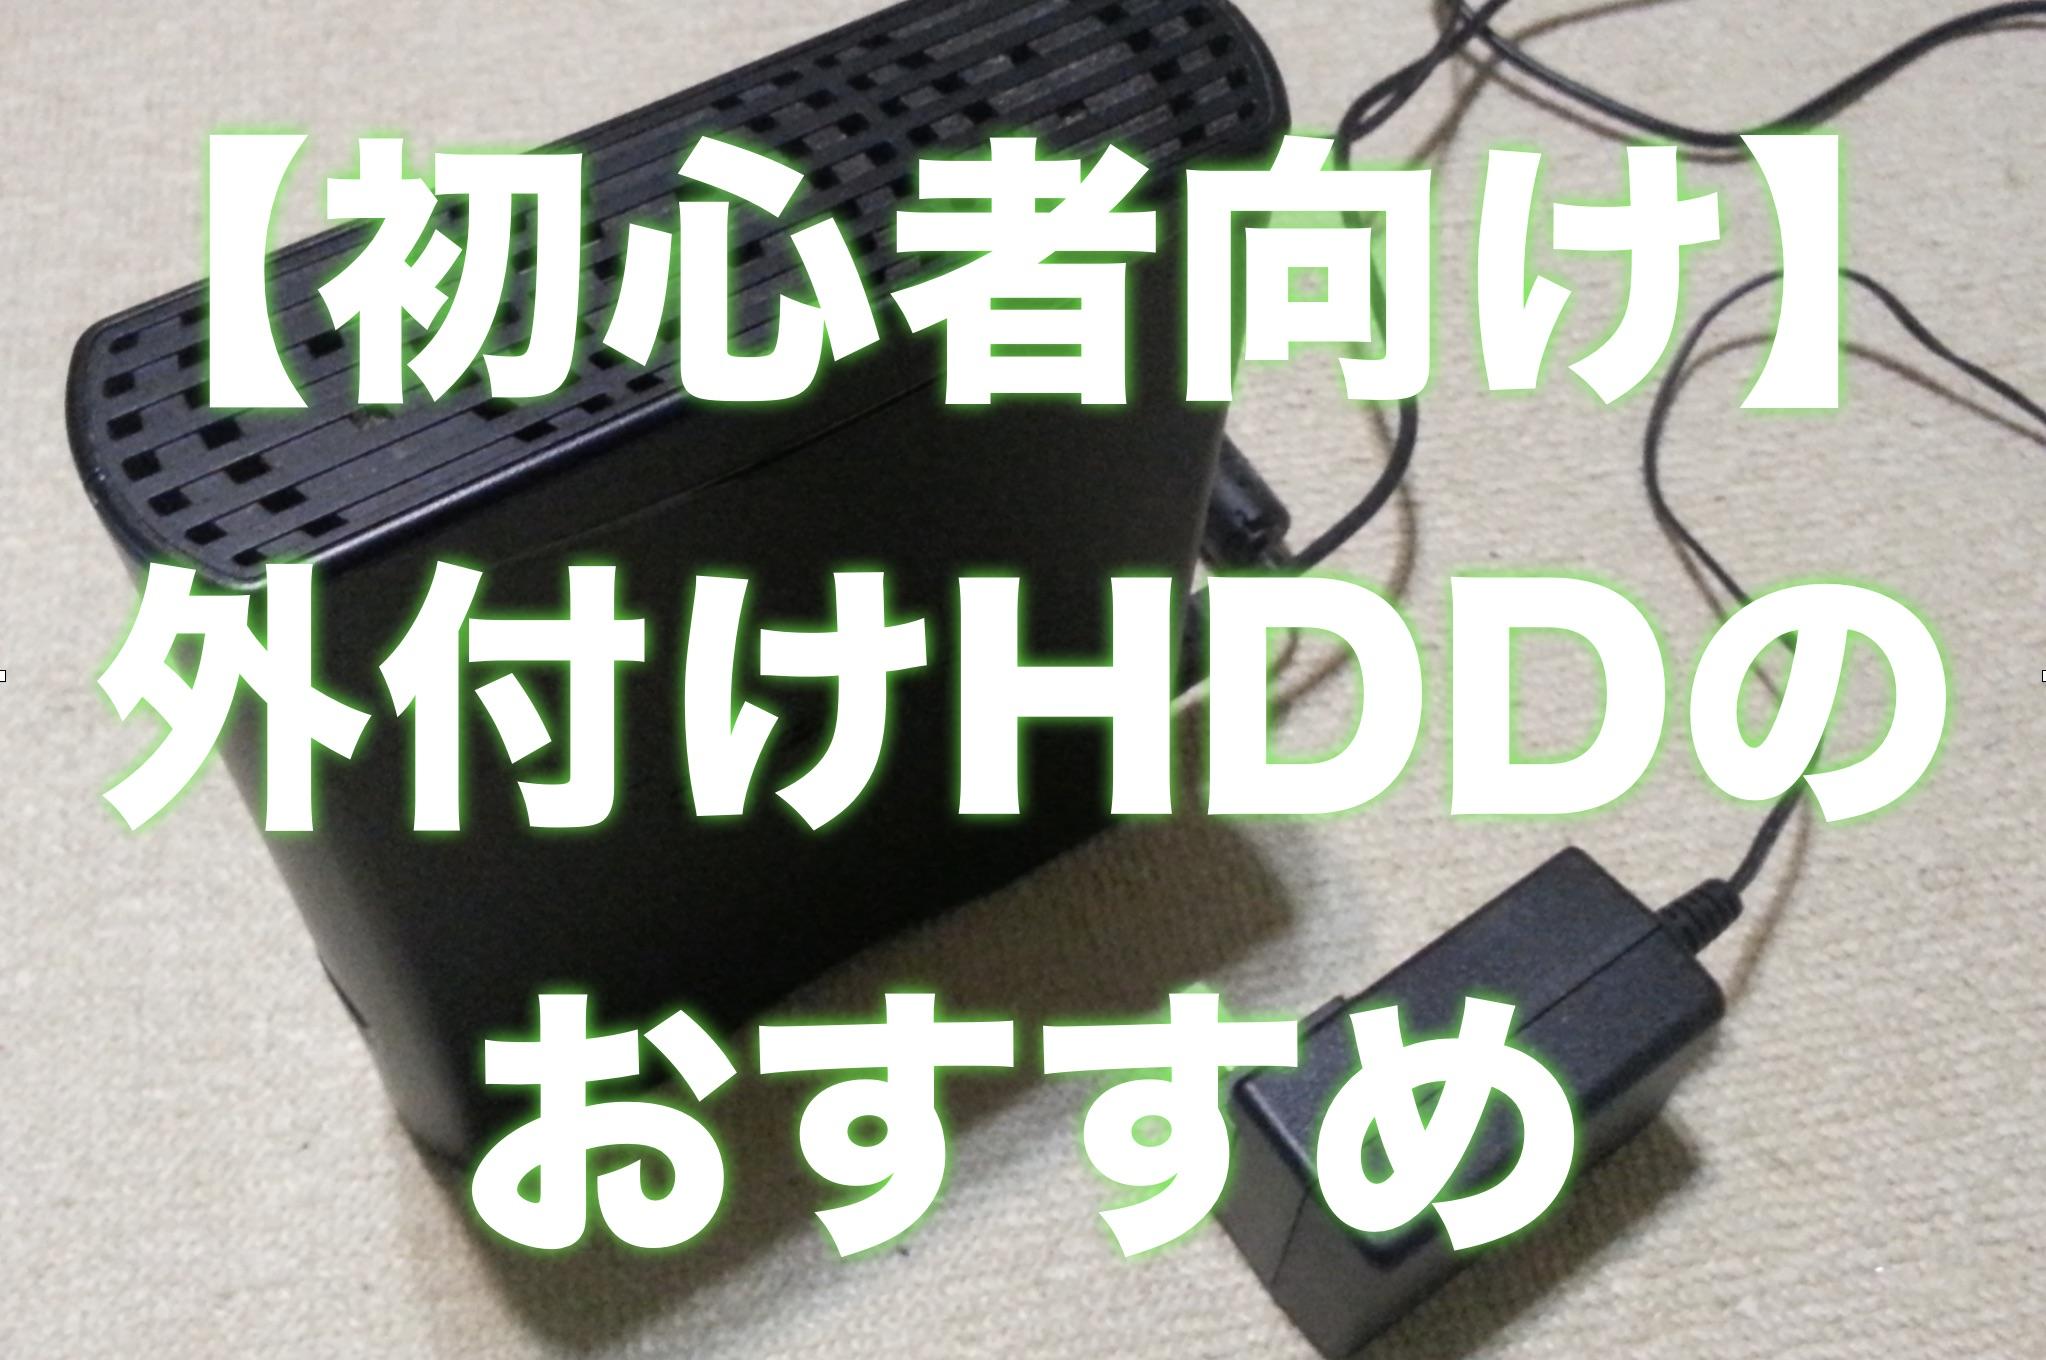 【初心者向け】本当におすすめできる外付けHDDとは